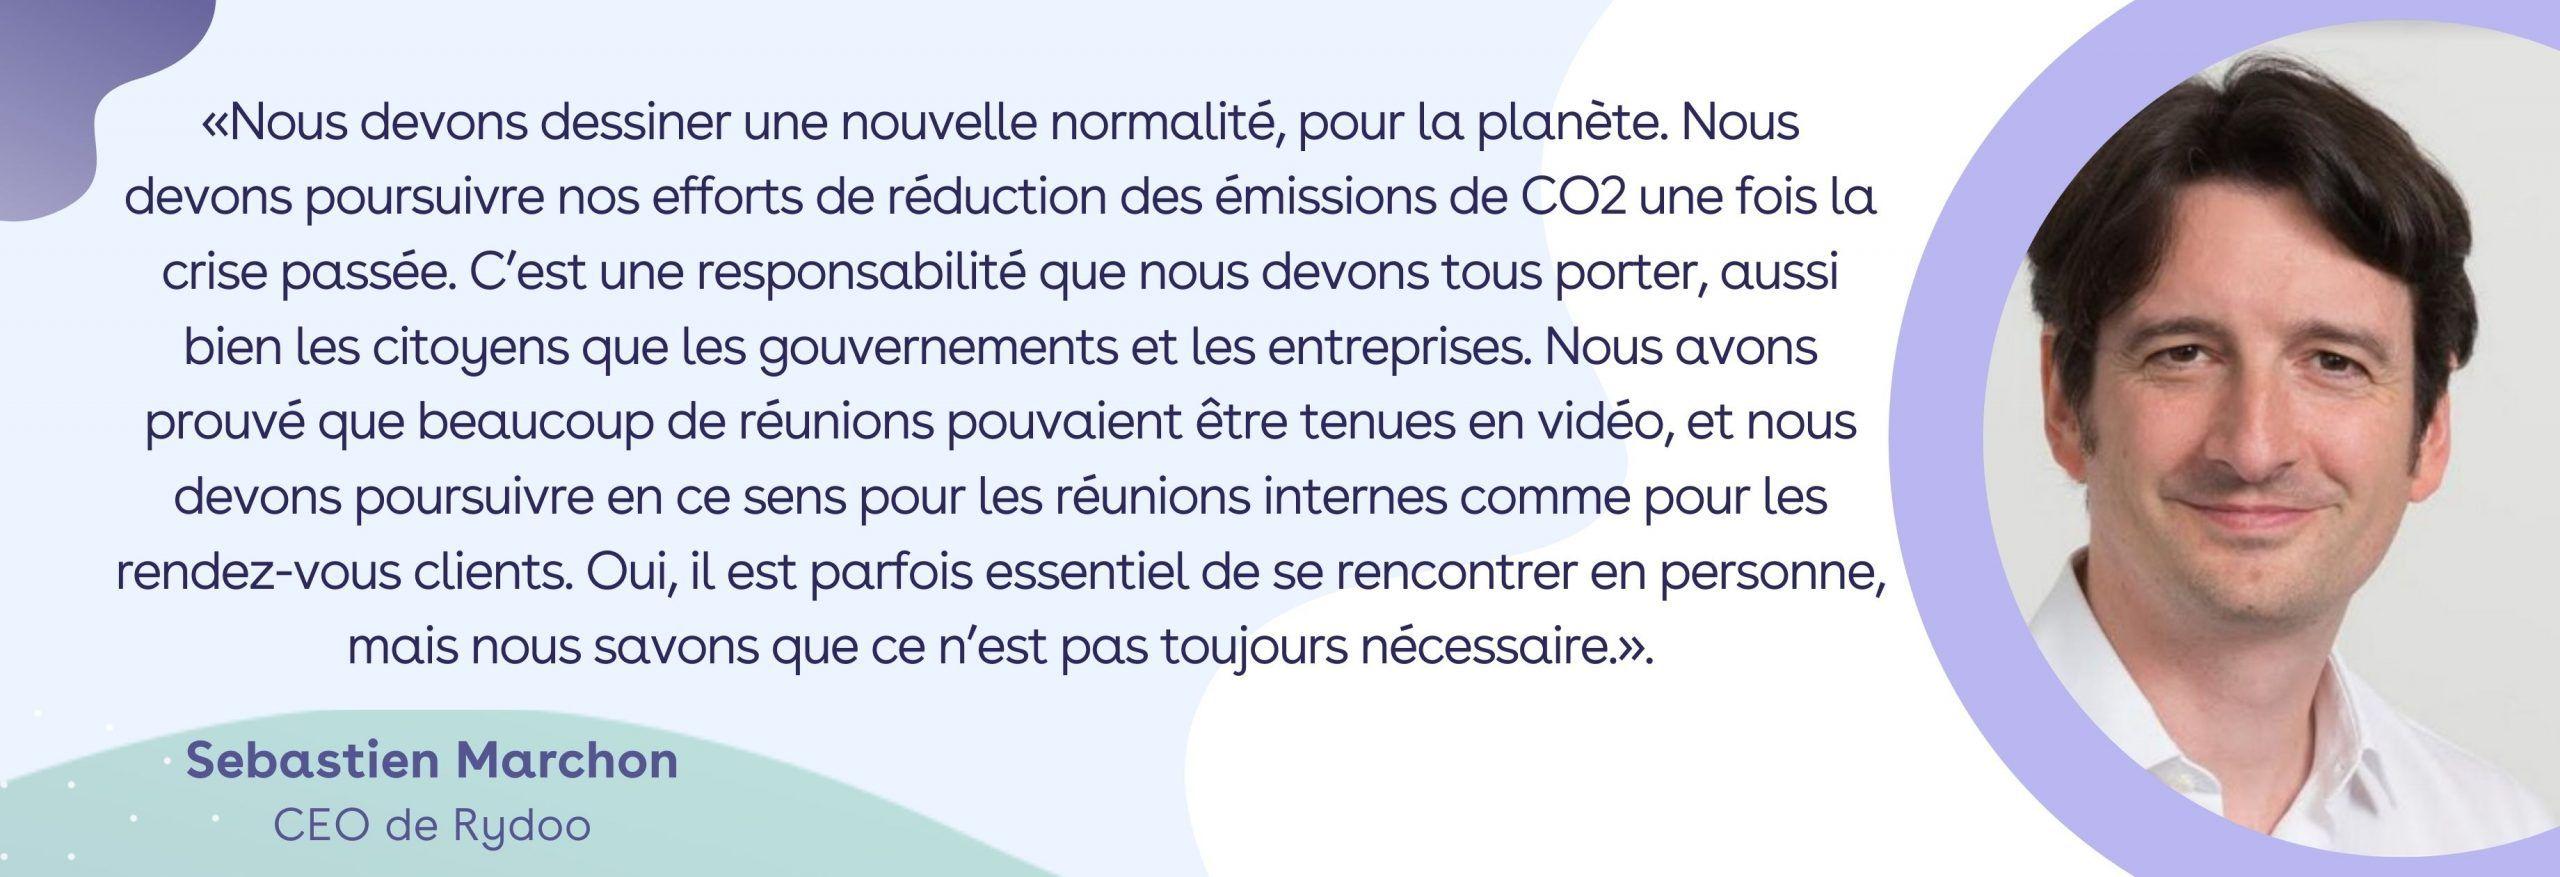 Voyages intérieurs / Sebastien: Nous devons dessiner une nouvelle normalité, pour la planète. Nous devons poursuivre nos efforts de réduction des émissions de CO2 une fois la crise passée. C'est une responsabilité que nous devons tous porter, aussi bien les citoyens que les gouvernements et les entreprises. Nous avons prouvé que beaucoup de réunions pouvaient être tenues en vidéo, et nous devons poursuivre en ce sens pour les réunions internes comme pour les rendez-vous clients. Oui, il est parfois essentiel de se rencontrer en personne, mais nous savons que ce n'est pas toujours nécessaire.